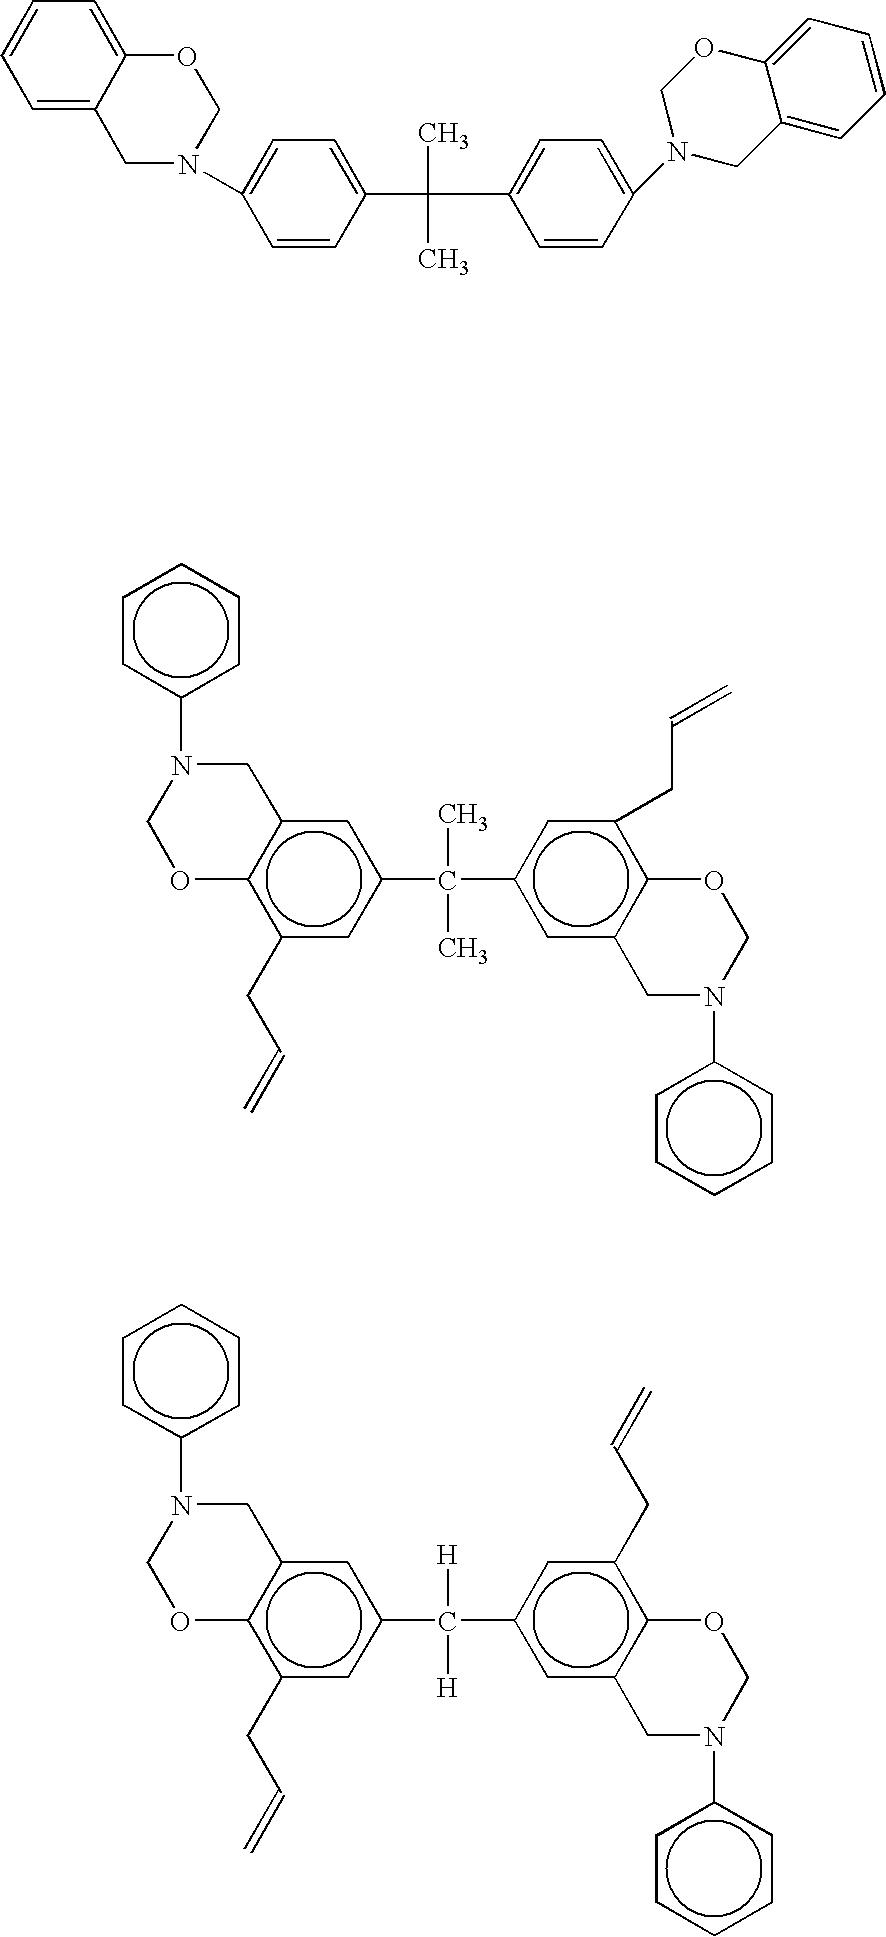 Figure US20060240261A1-20061026-C00019